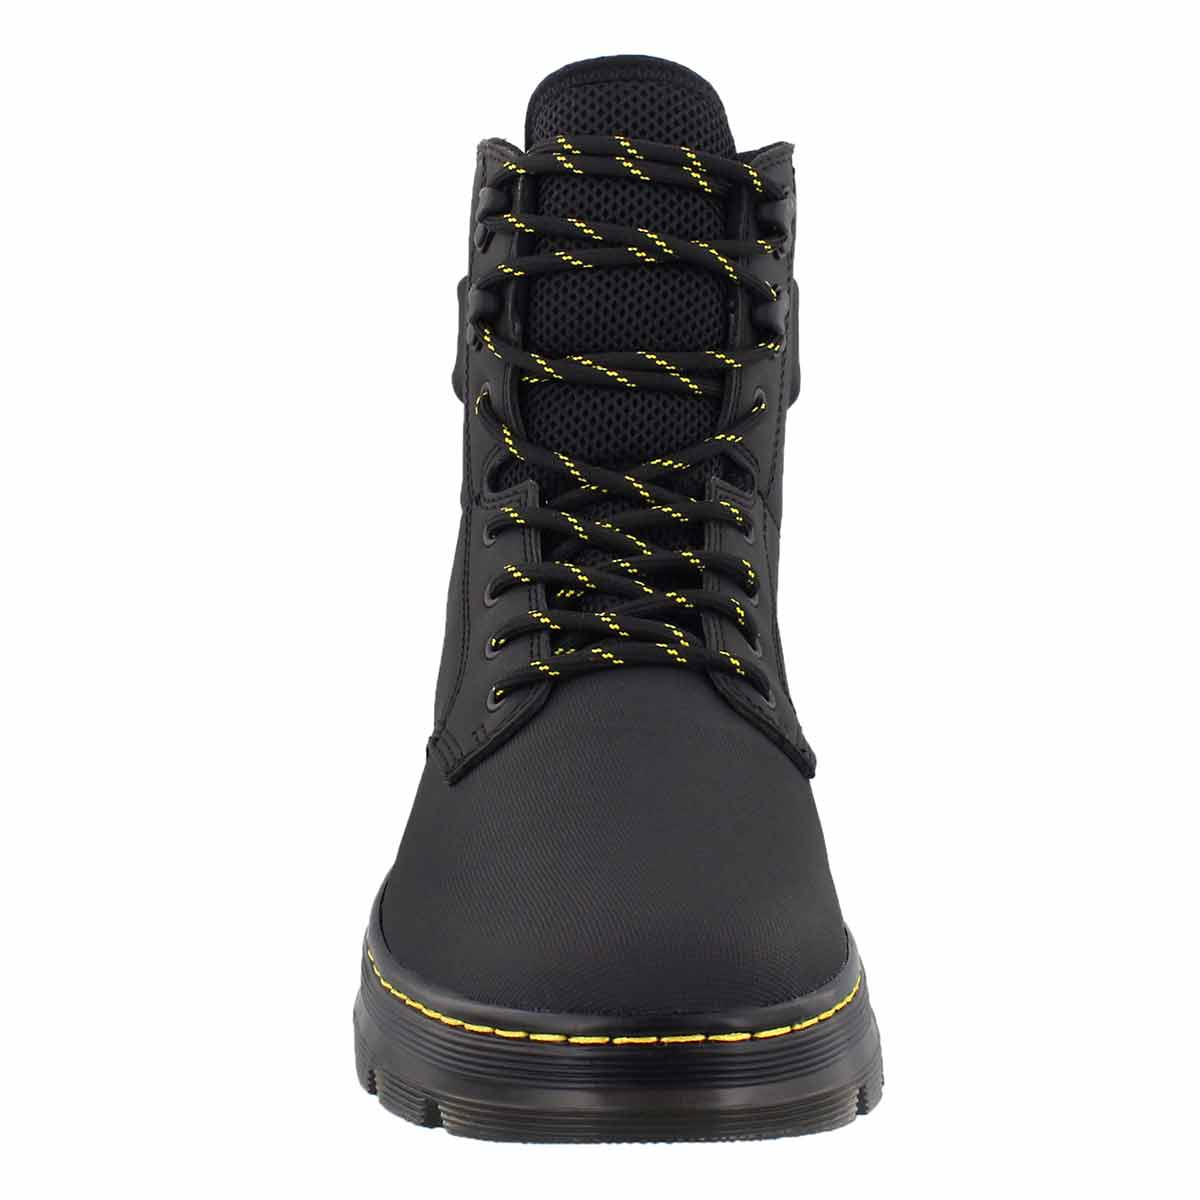 Mns Quinton black combat boot